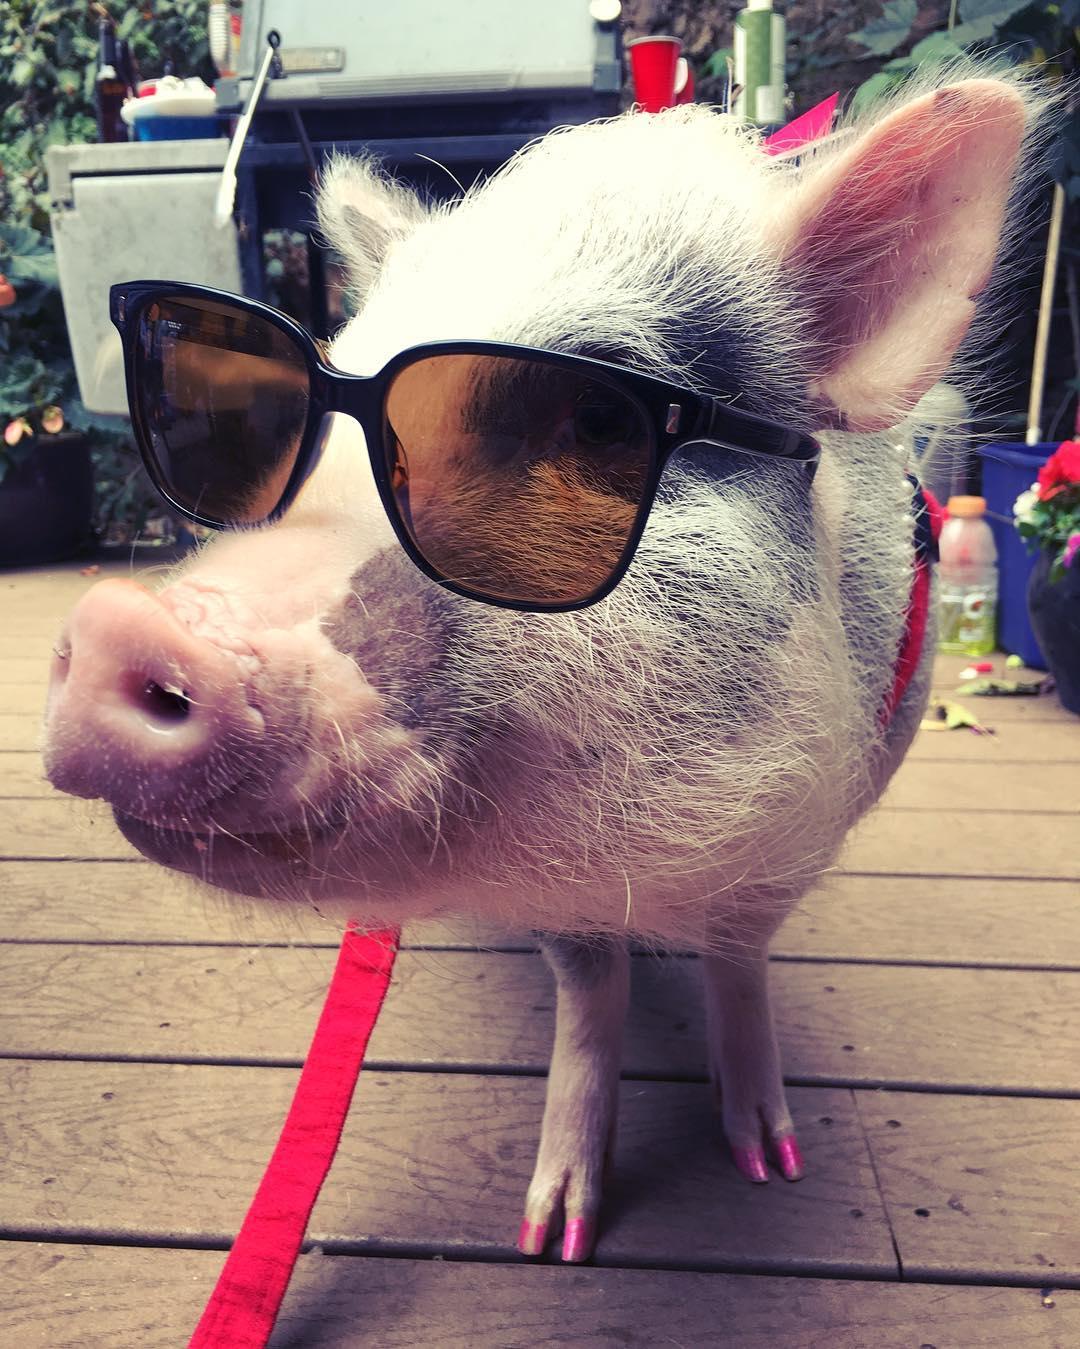 профлист картинки свинок в очках мне кажется, что